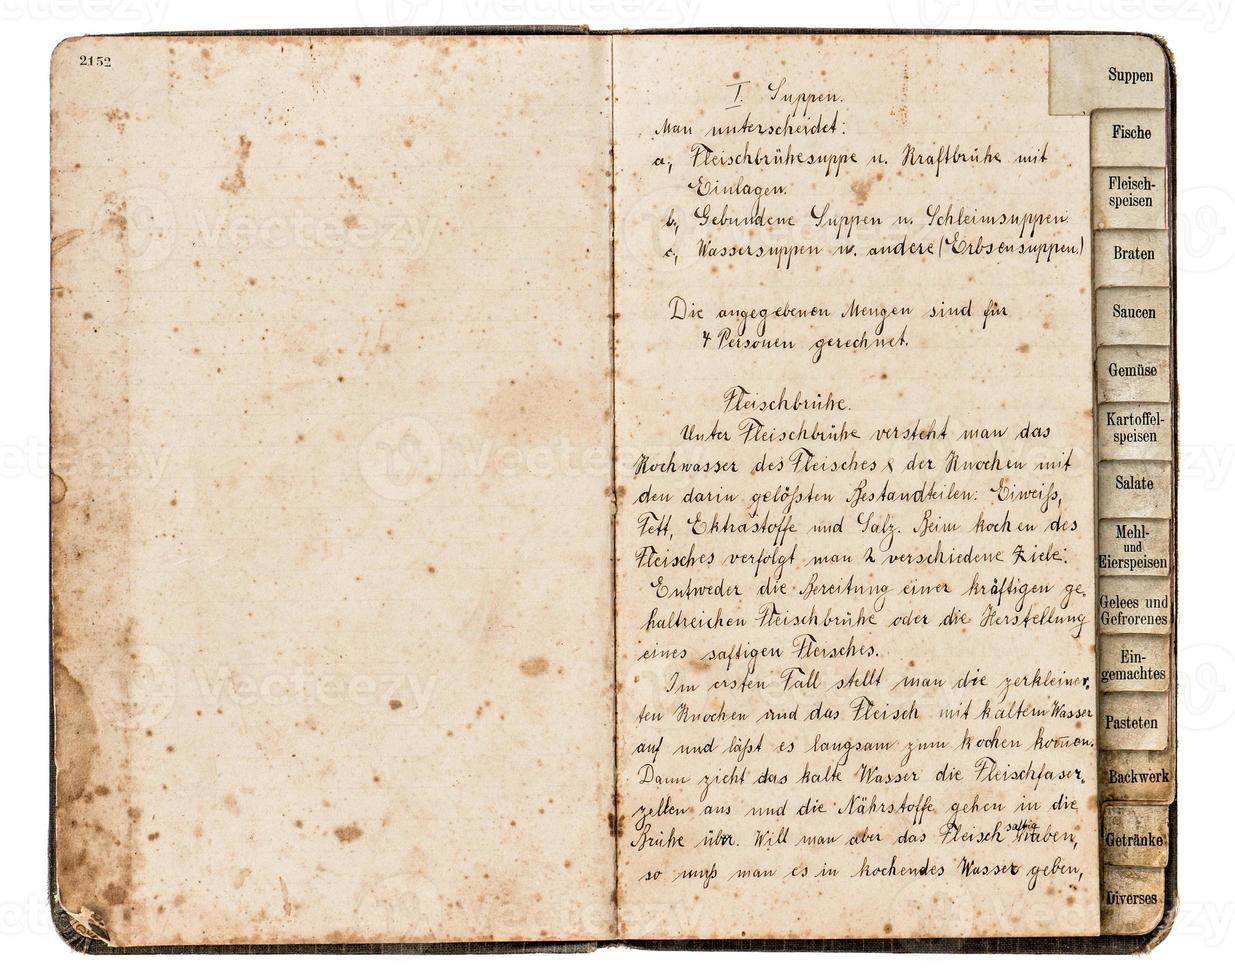 livre de recettes antique avec texte manuscrit photo